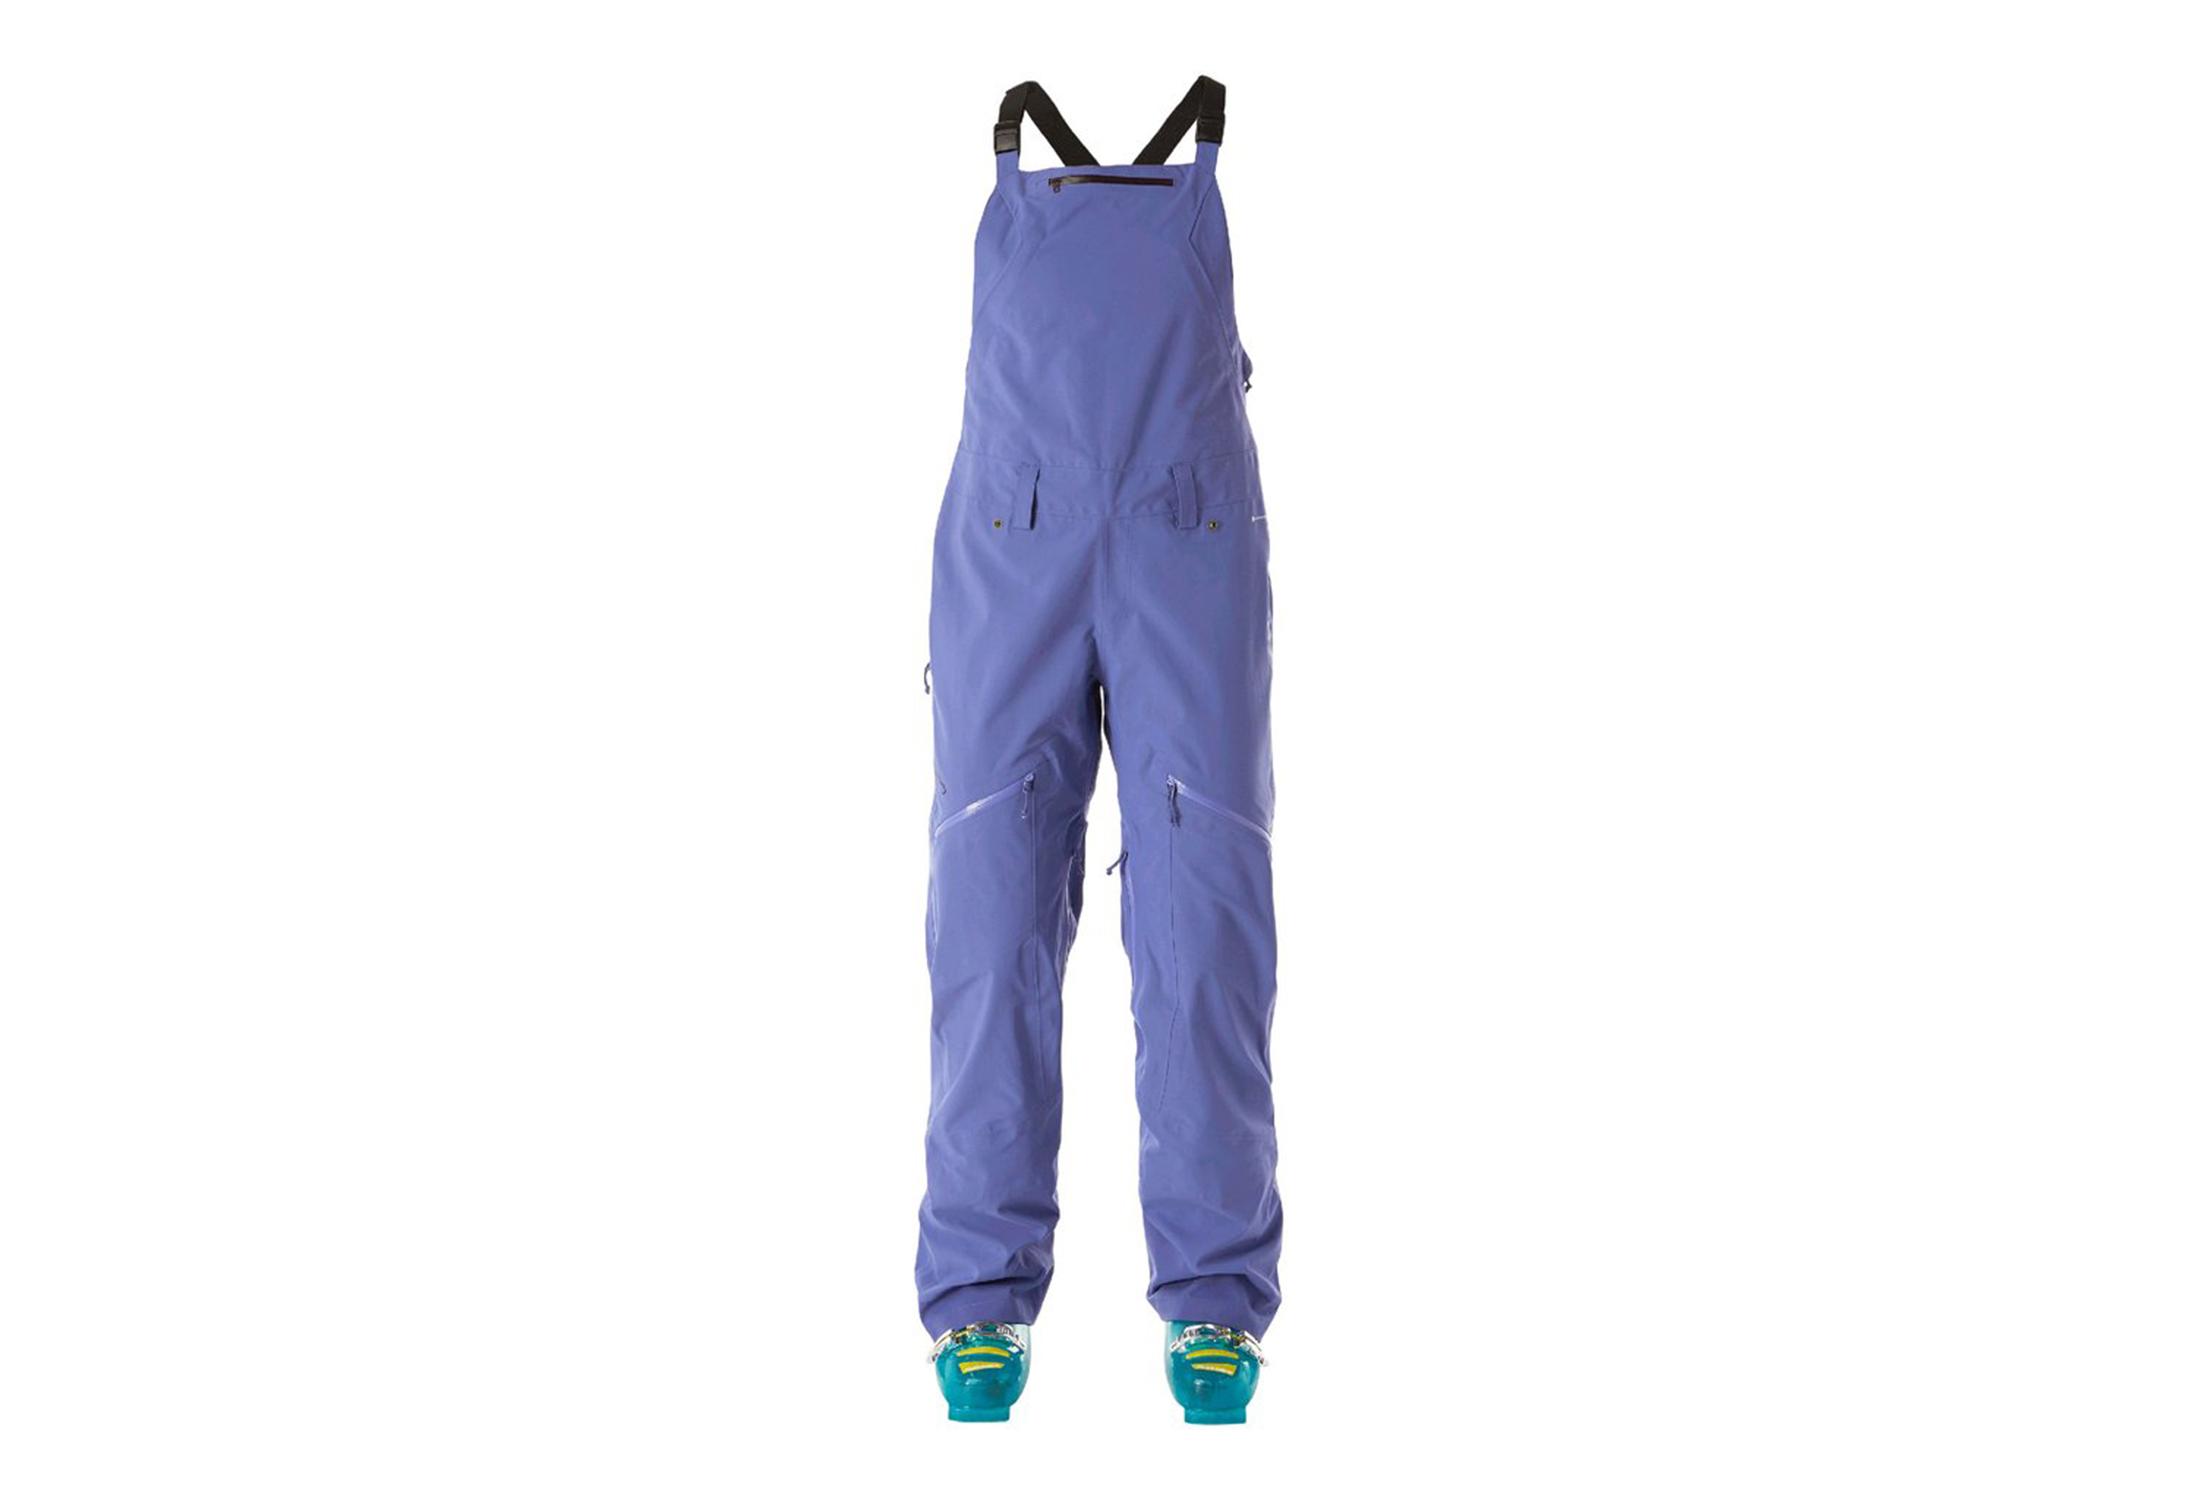 GRACE CONTINENTAL|レースフリルサロペット | Rakuten Fashion(ファッション/旧ブランドアベニュー)AW9358